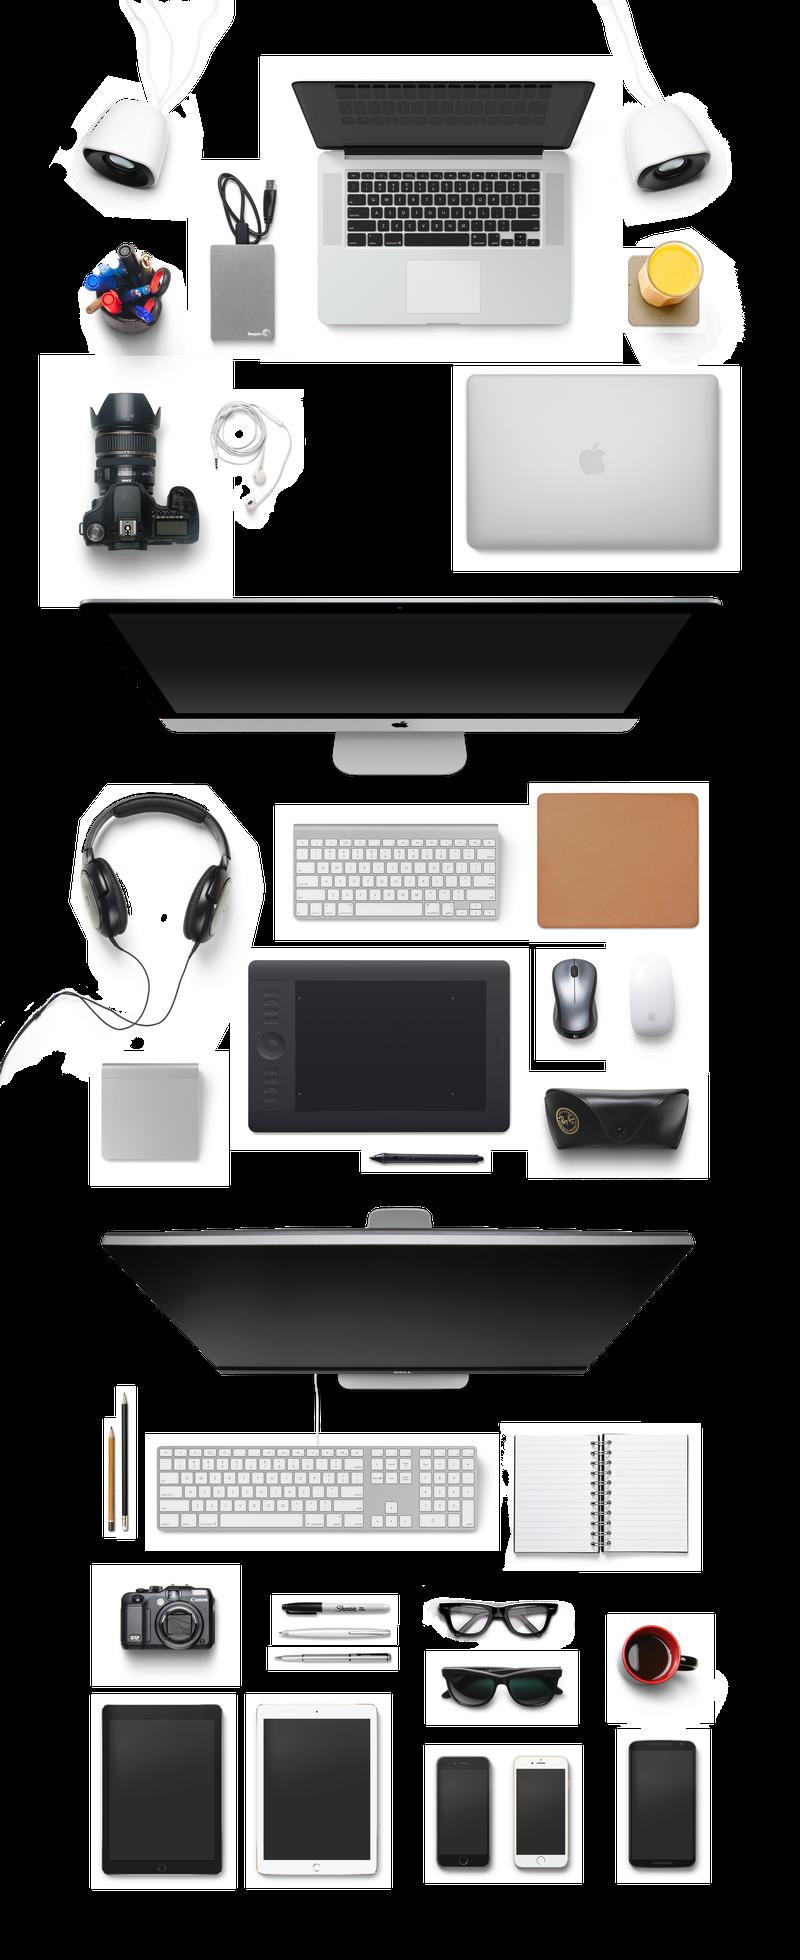 各种电脑办公桌配件